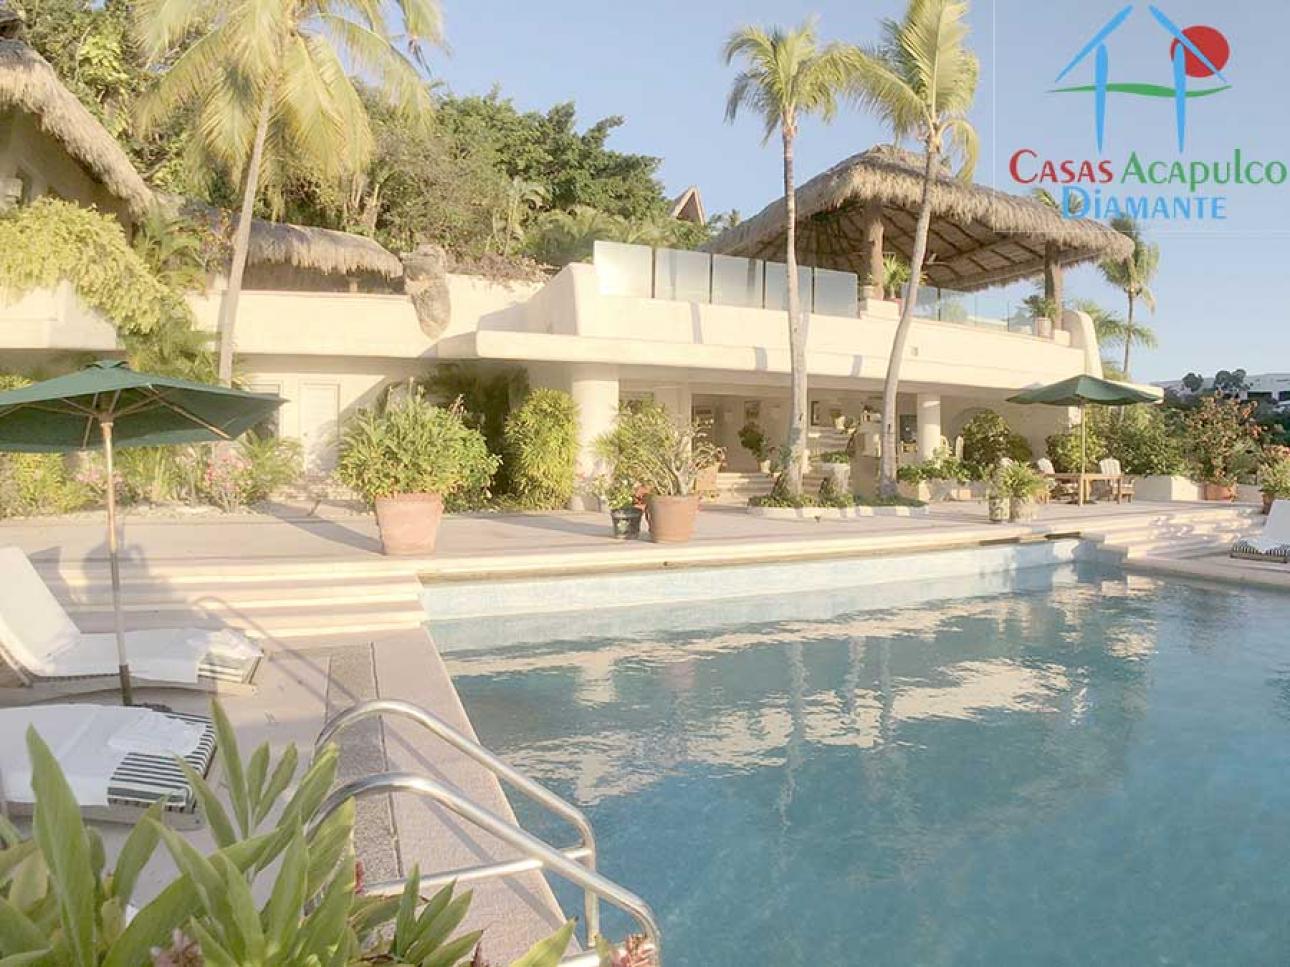 Venta de Casa 4 o mas recamaras en Acapulco Fraccionamiento Las Brisas 1